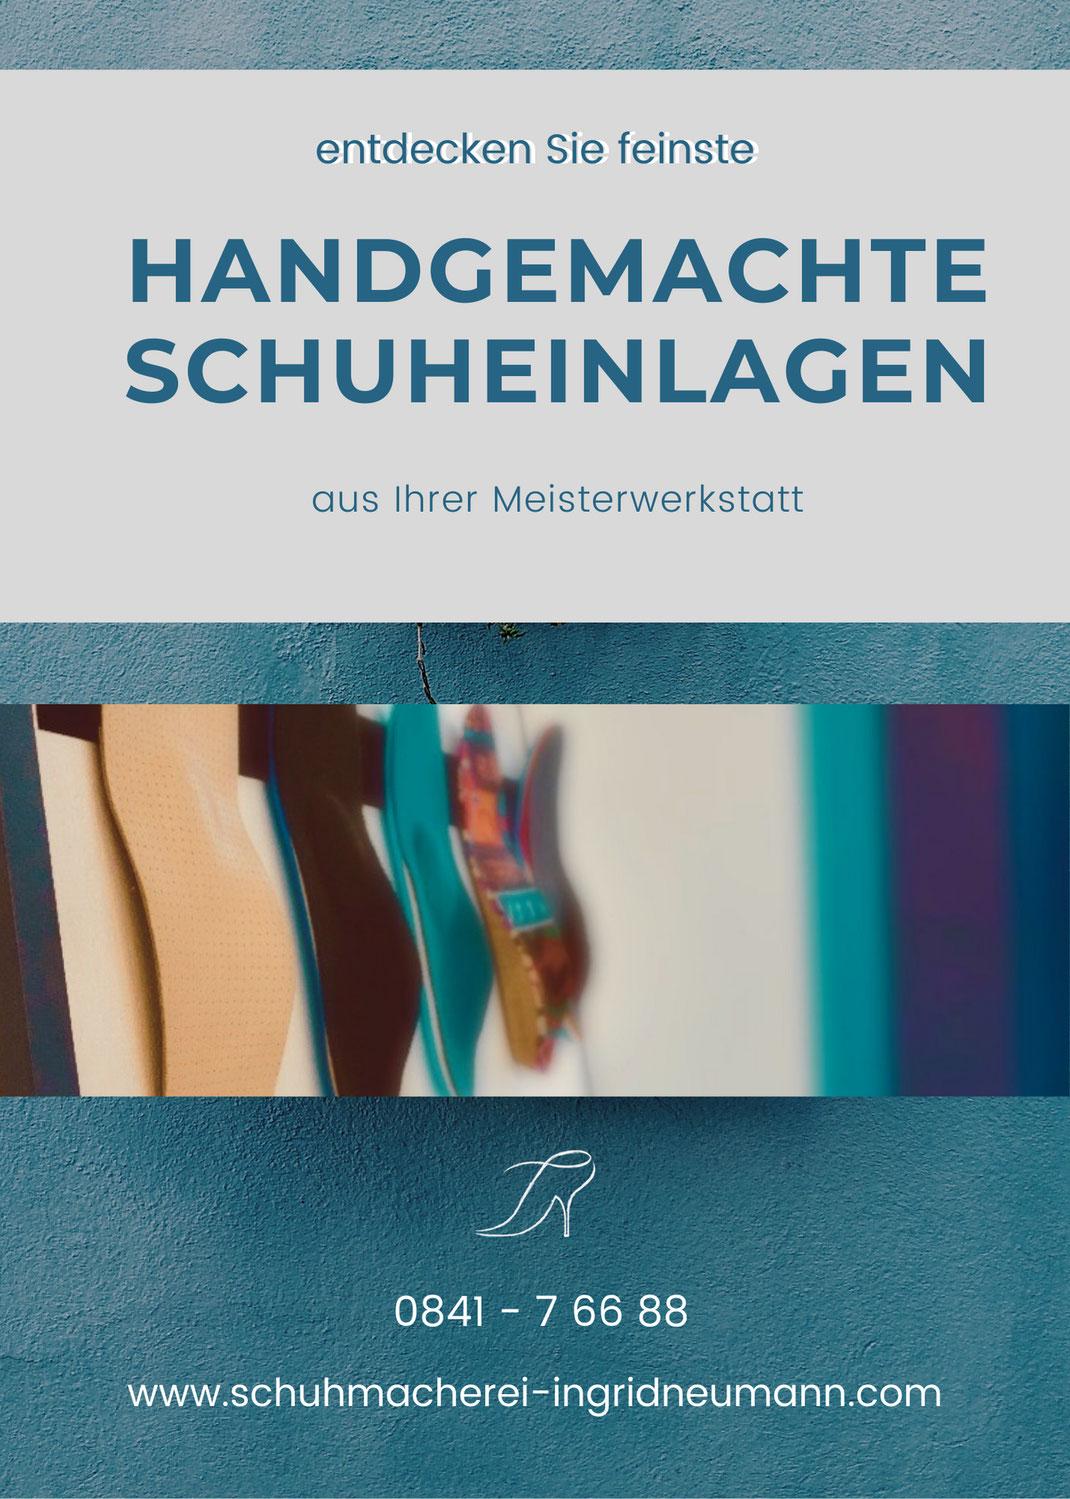 Handmade Schuheinlagen nach Maß April 2021